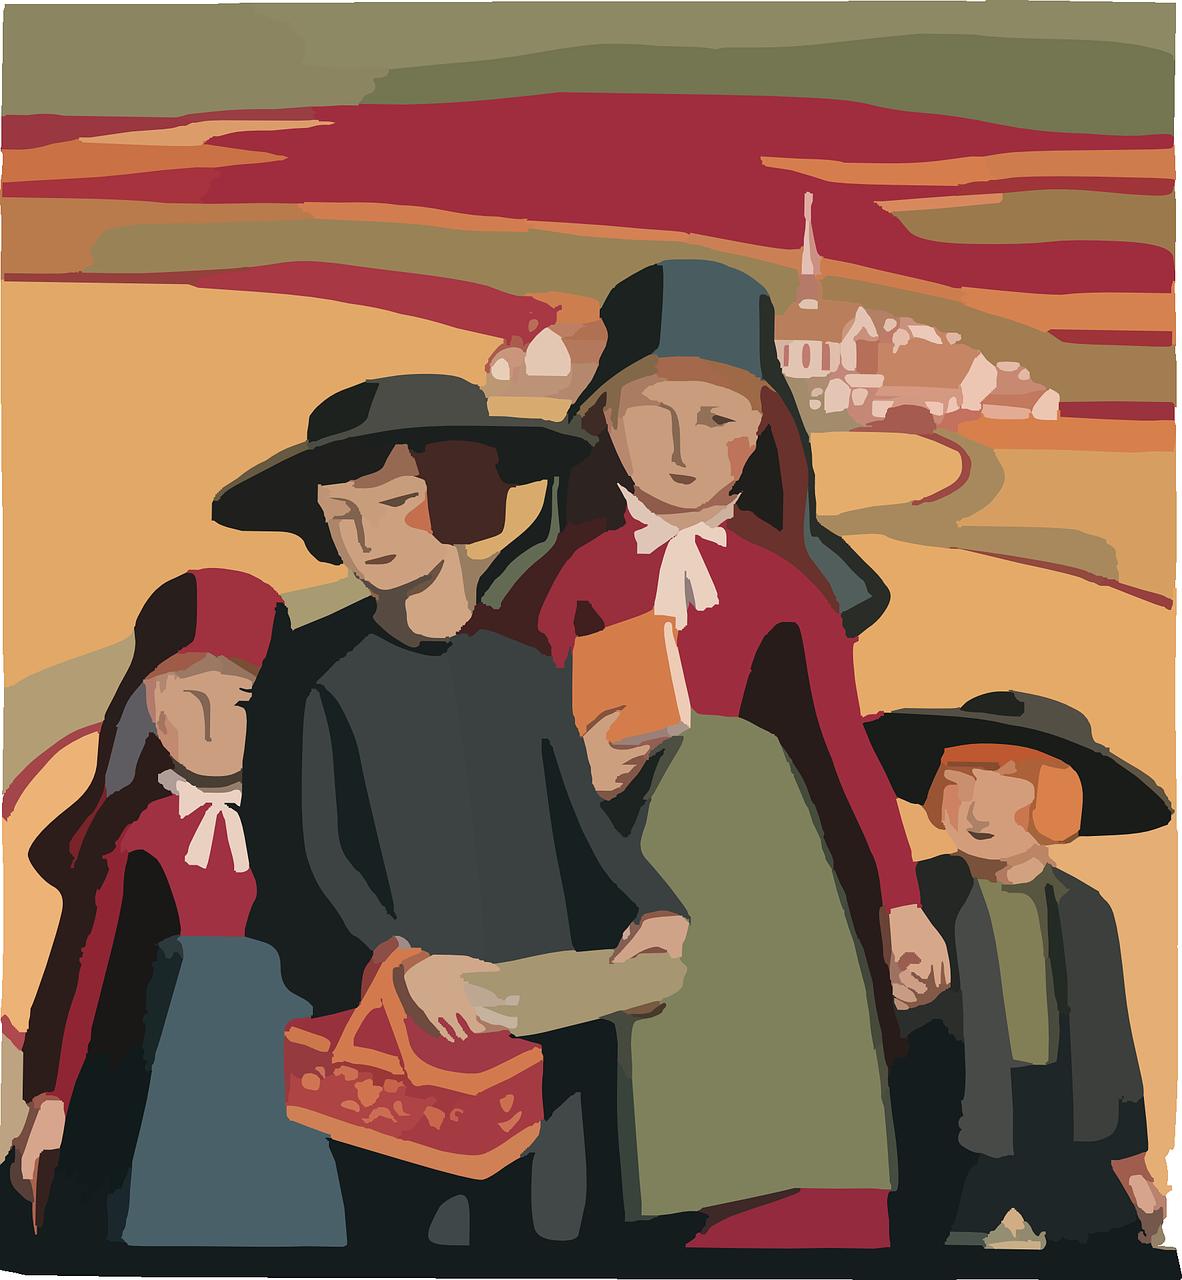 Amish family.